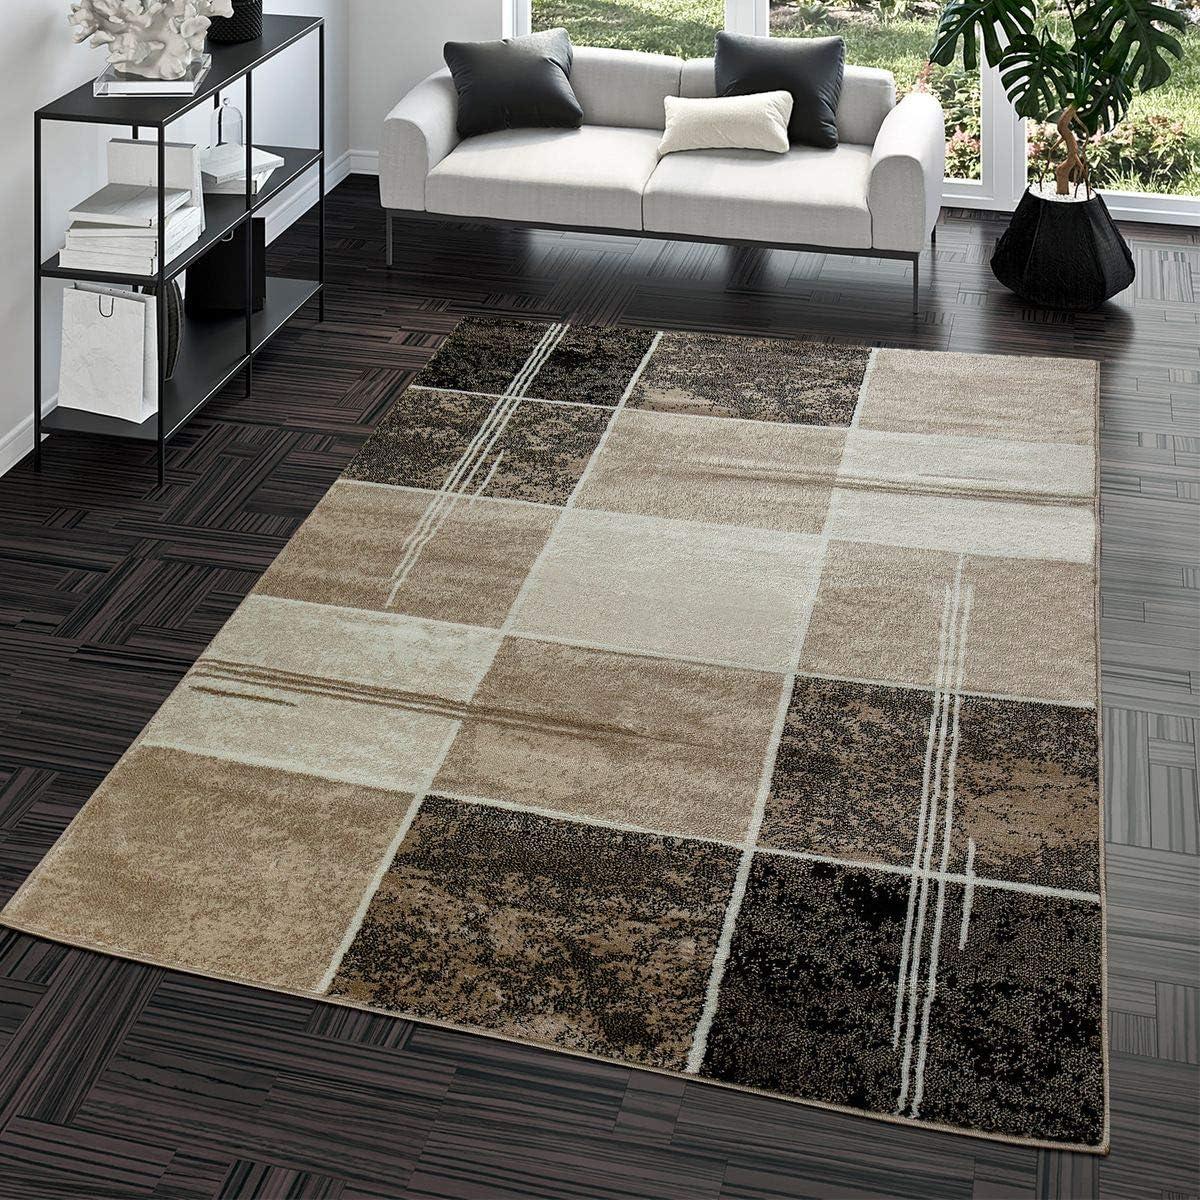 T&T Design Alfombra Salón Moderna Económica Diseño Cuadros Marrón Beige Crema Mejor Precio, Größe:240x340 cm